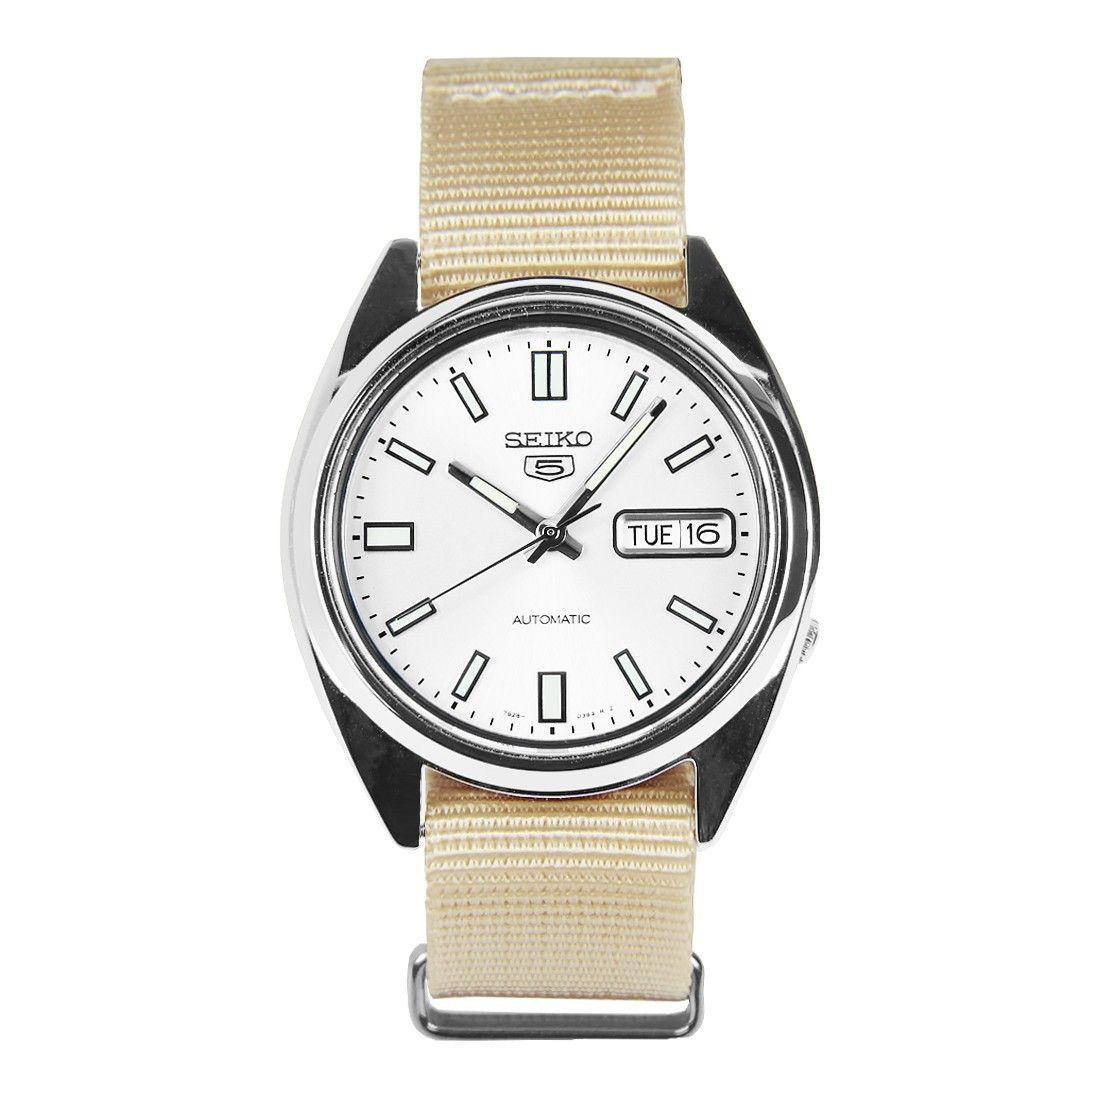 3889159c102b3a SNXS73K1 SNXS73 Seiko 5 Automatic Gents Watch   SEIKO WATCHES W ...